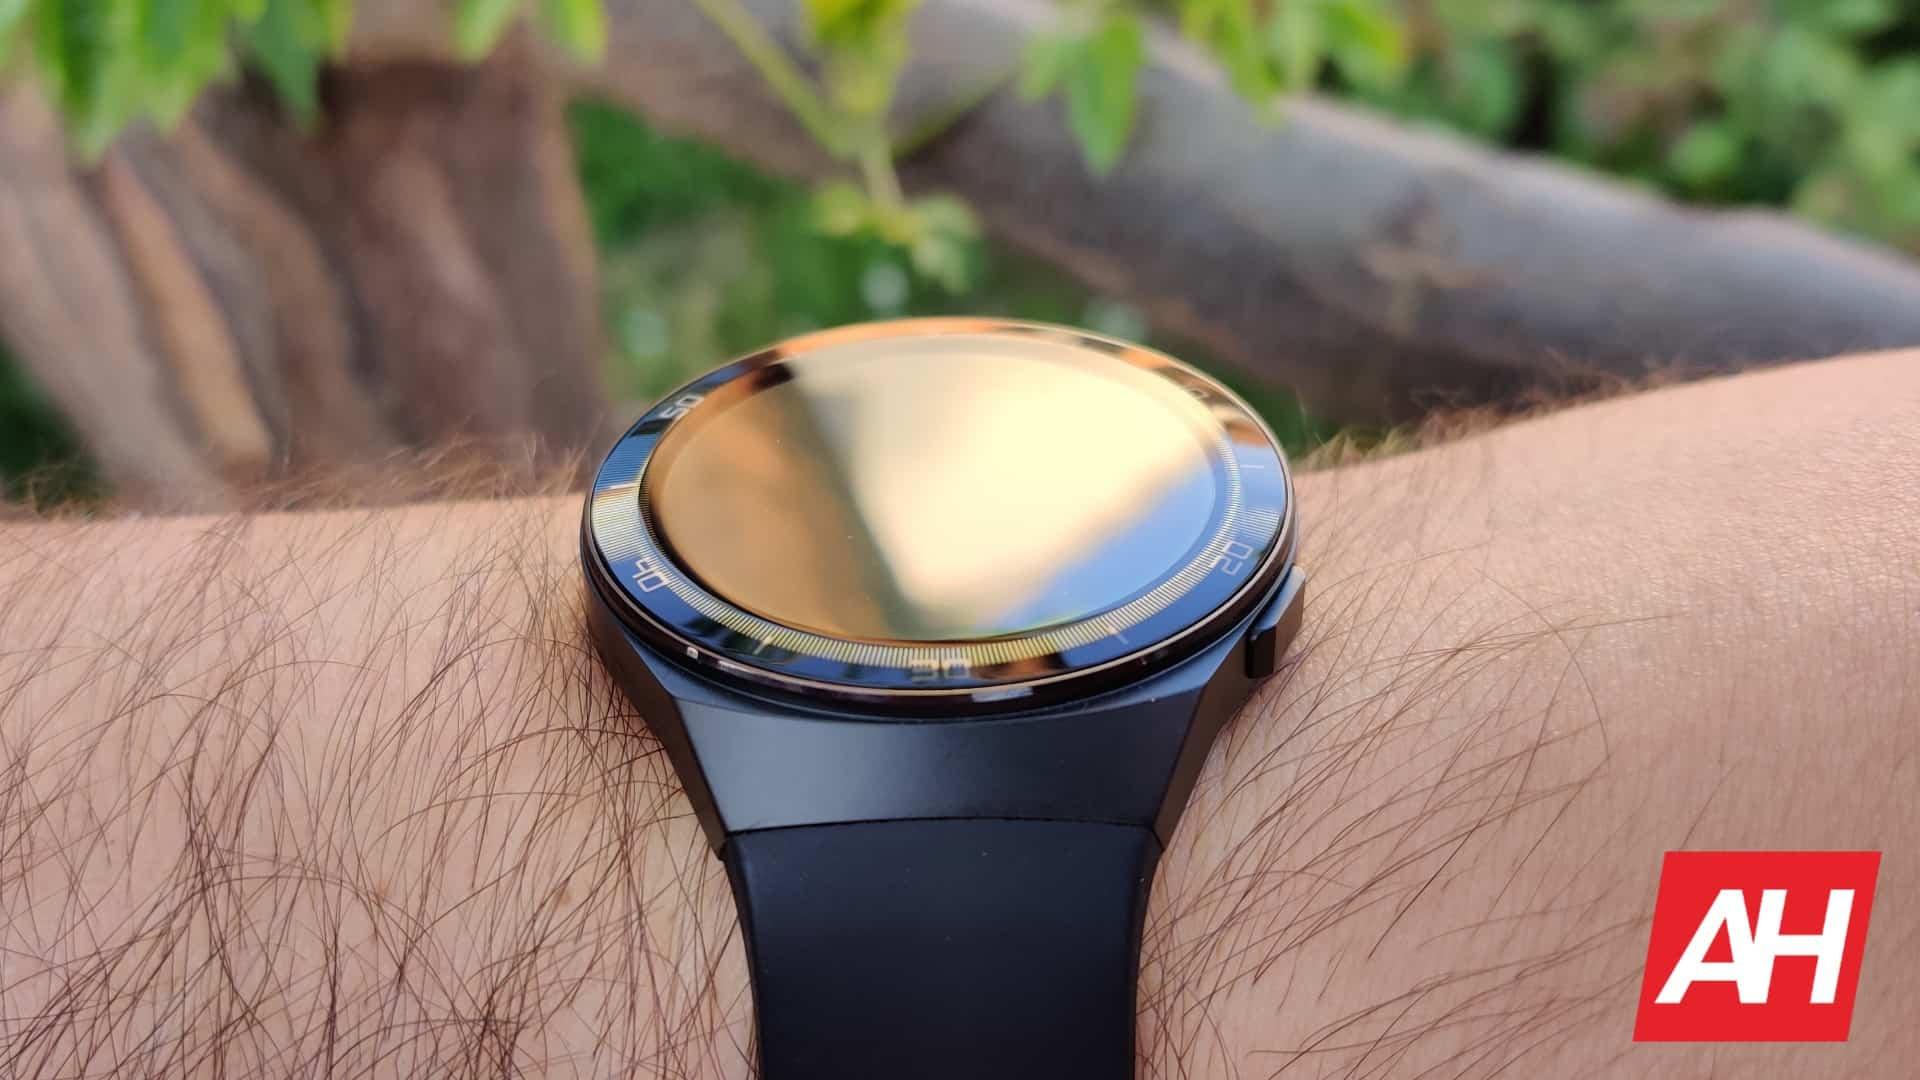 AH Huawei Watch GT 2e image 50